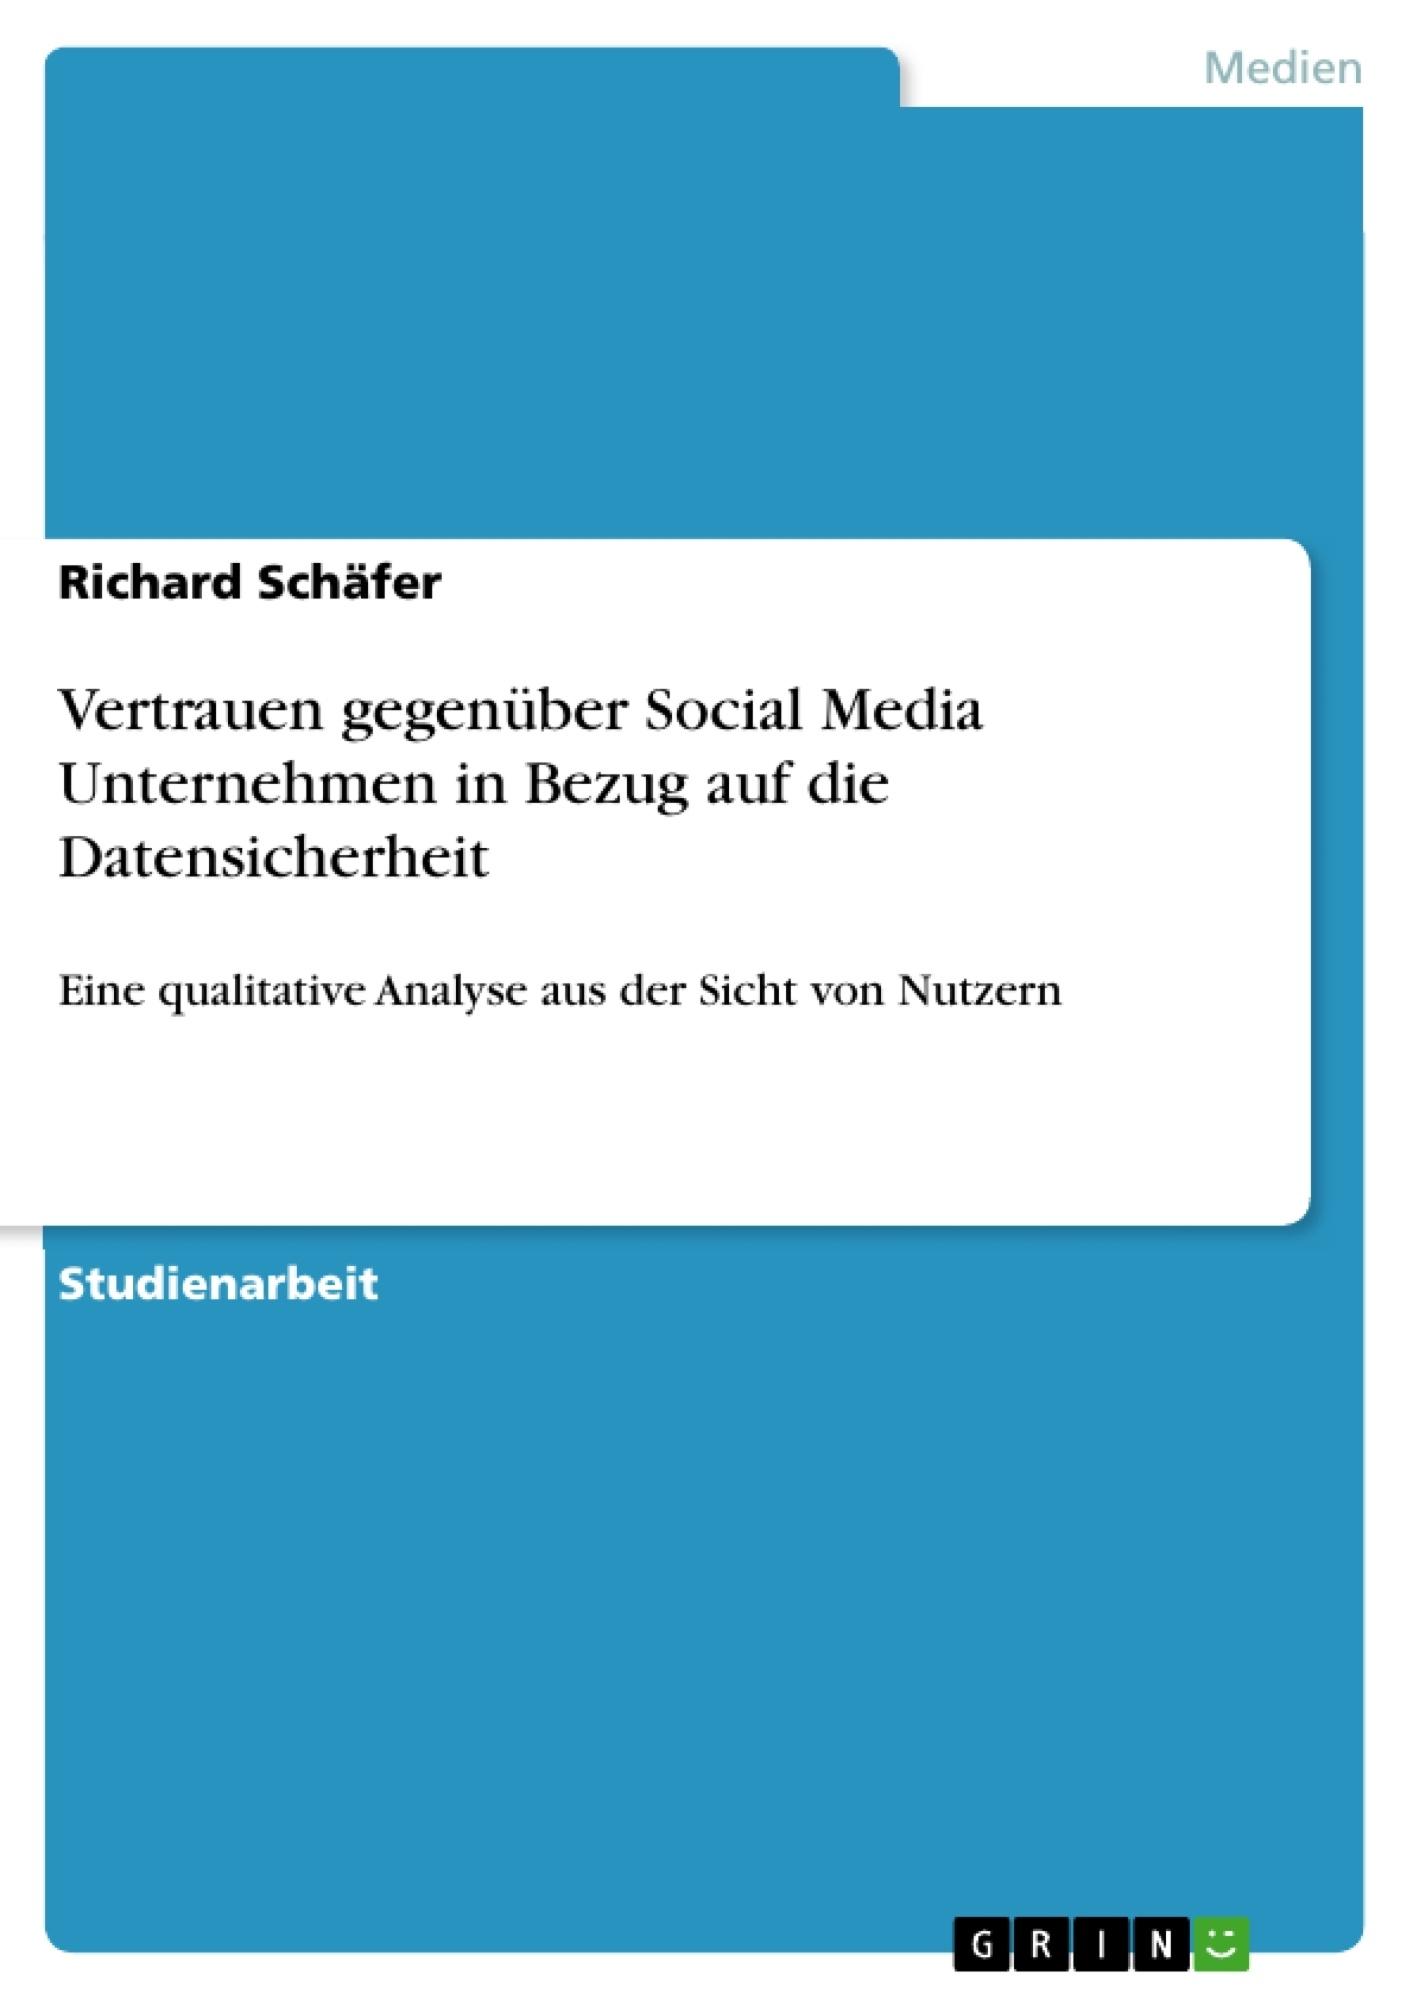 Titel: Vertrauen gegenüber Social Media Unternehmen in Bezug auf die Datensicherheit